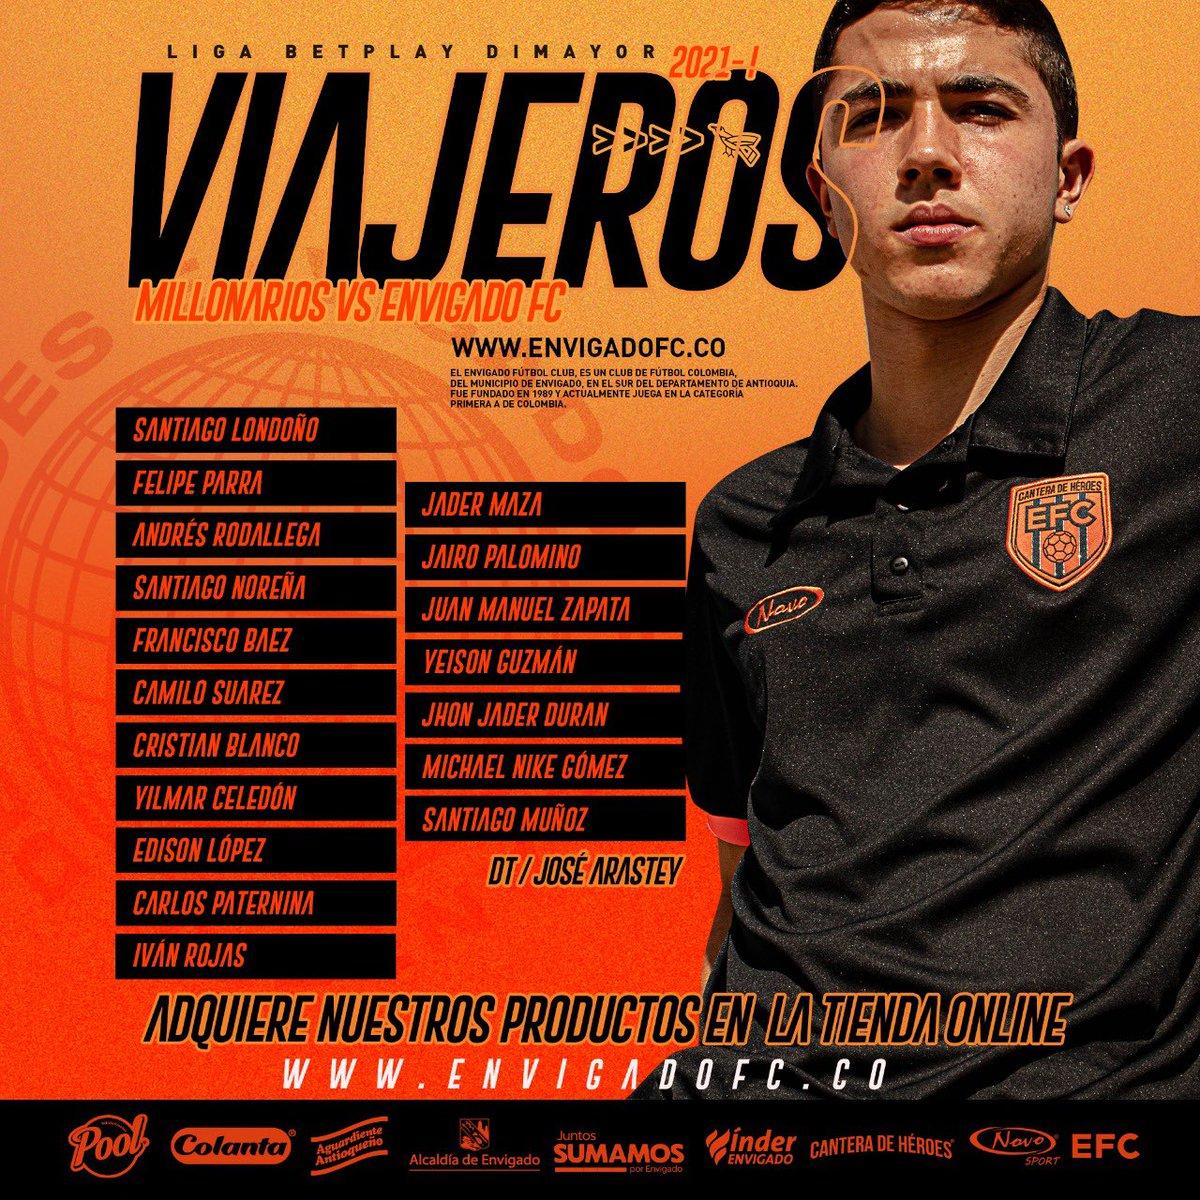 #EquipoProfesional ⚽️ Estos son los 18 convocados por José Arastey para el debut en la @LigaBetPlayD 2021-I 🆚 @MillosFCoficial   #VamosEnvigado 🍊 #CanteraDeHéroes • https://t.co/8Mfzmj7GoT https://t.co/sb6MB7GHgc